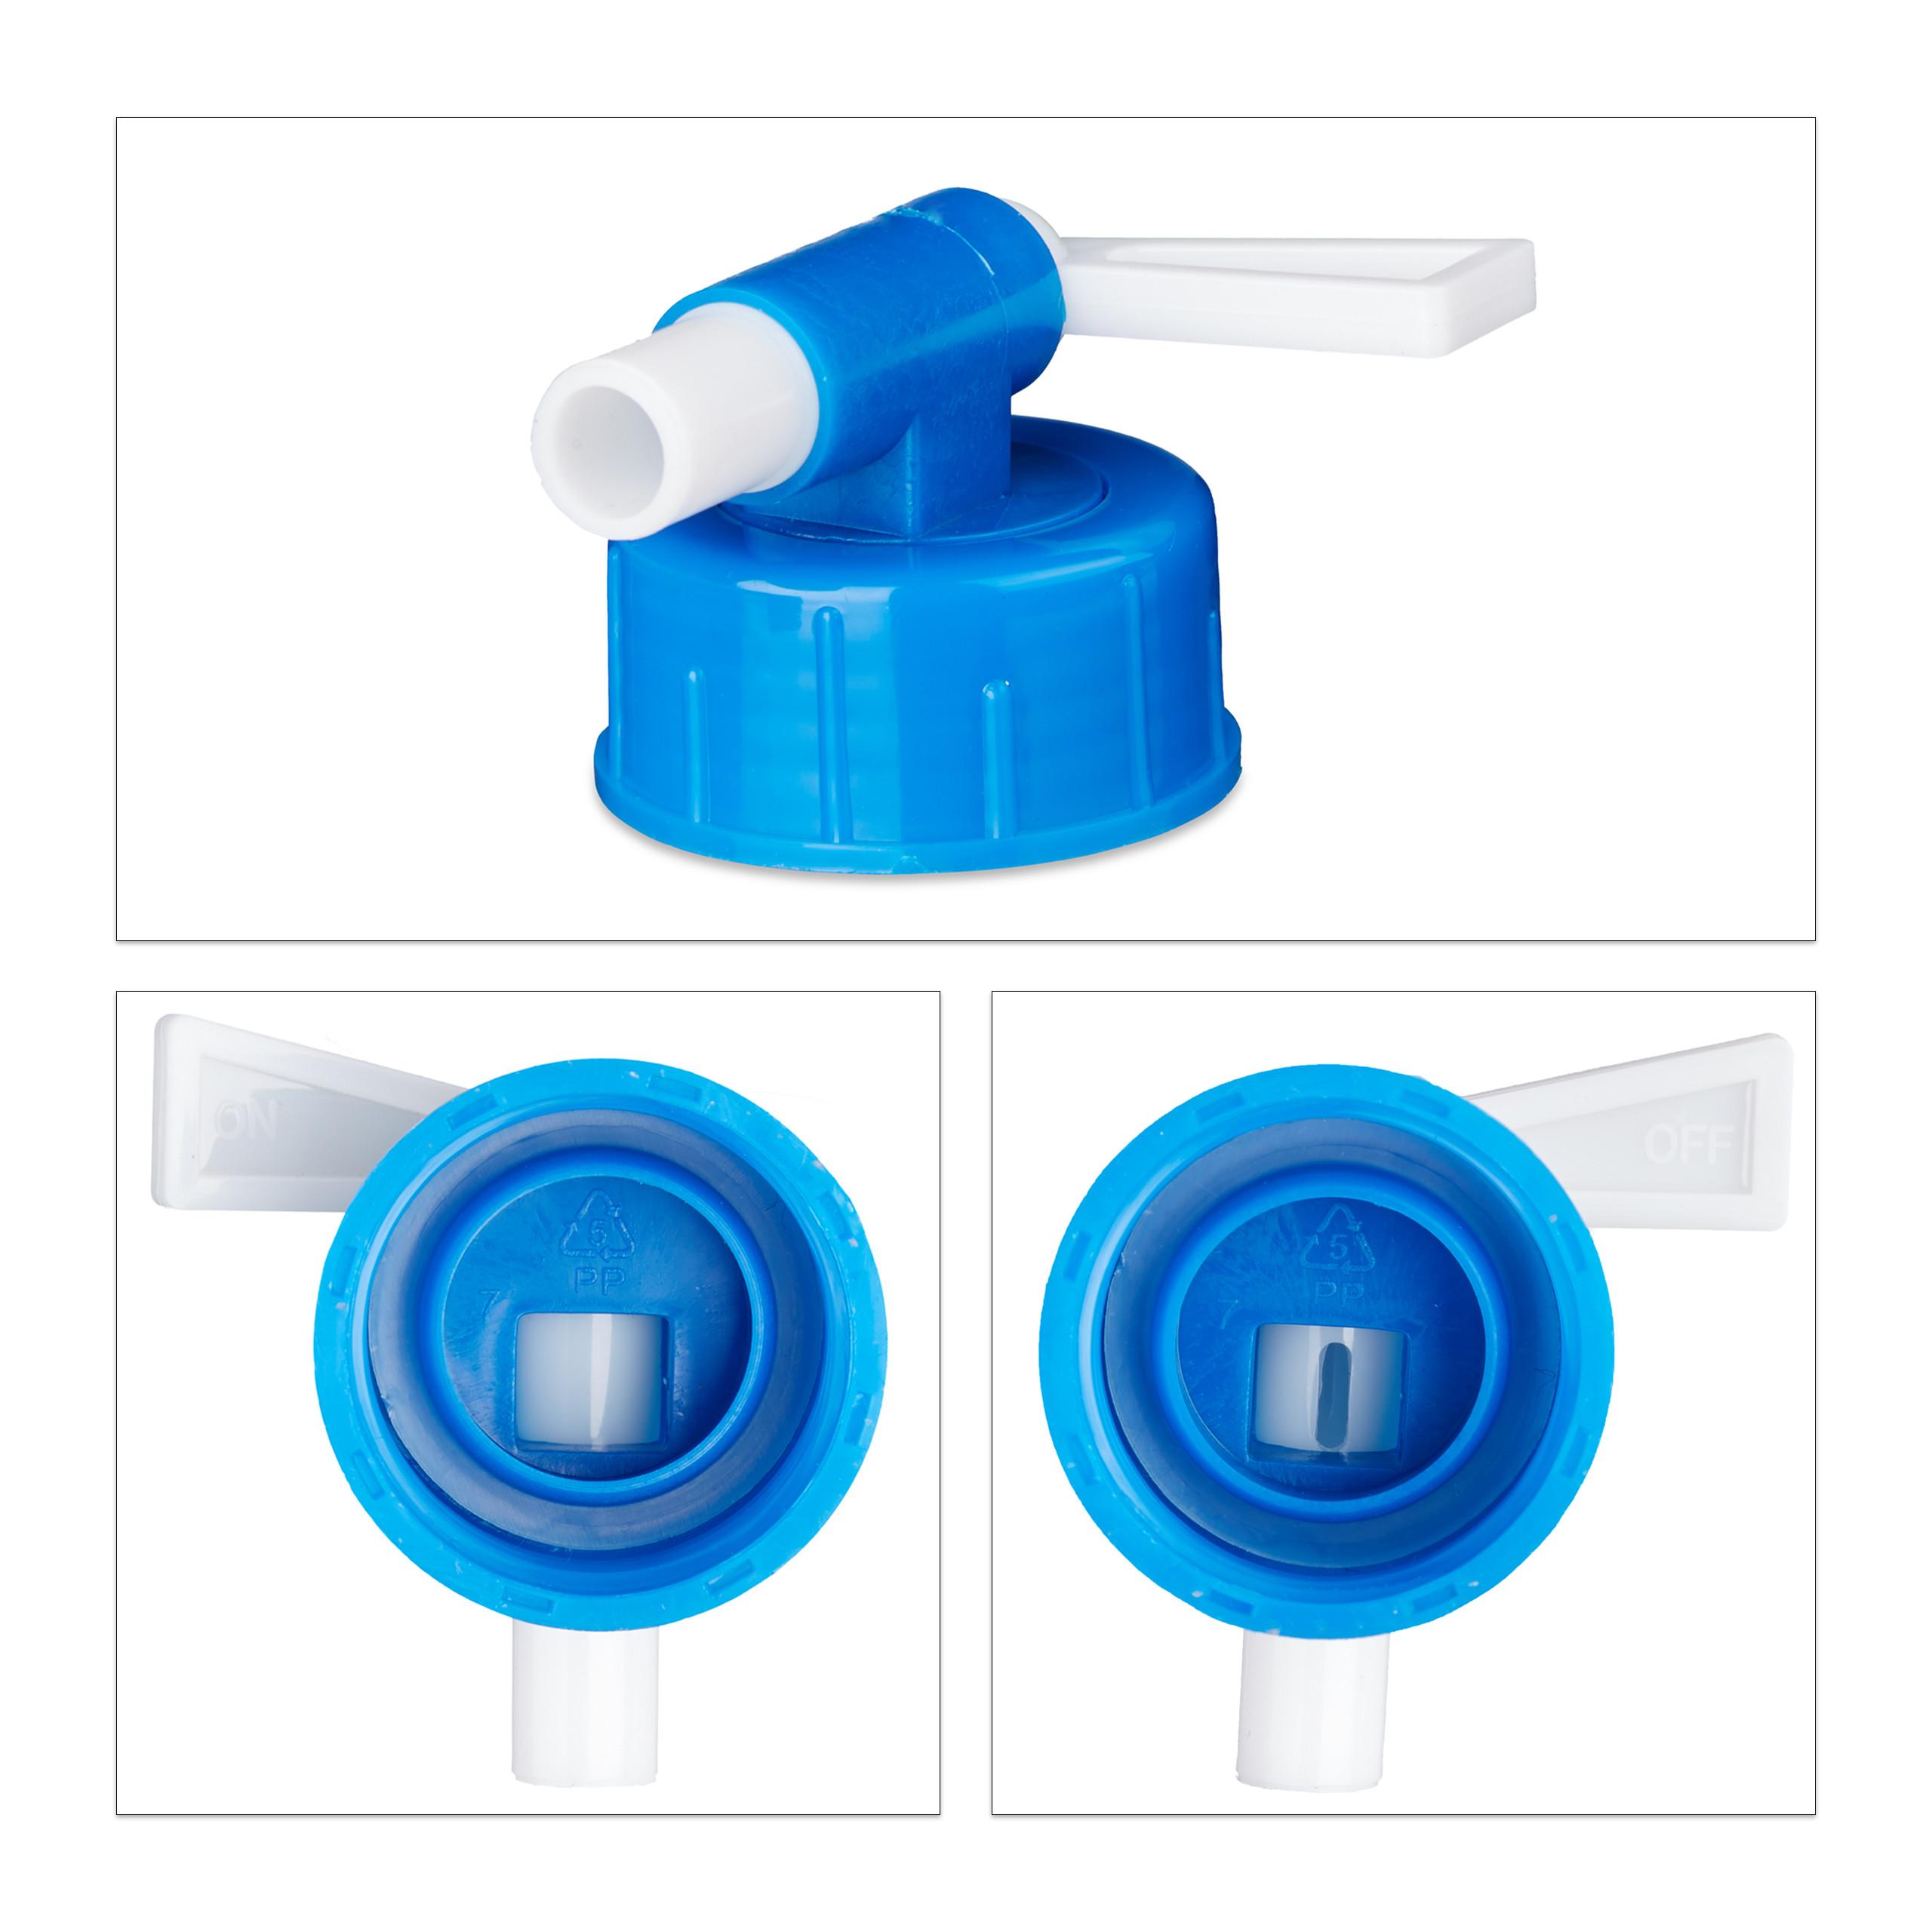 Indexbild 23 - Wasserkanister faltbar 4er Set Faltkanister Camping Trinkwasserkanister BPA frei